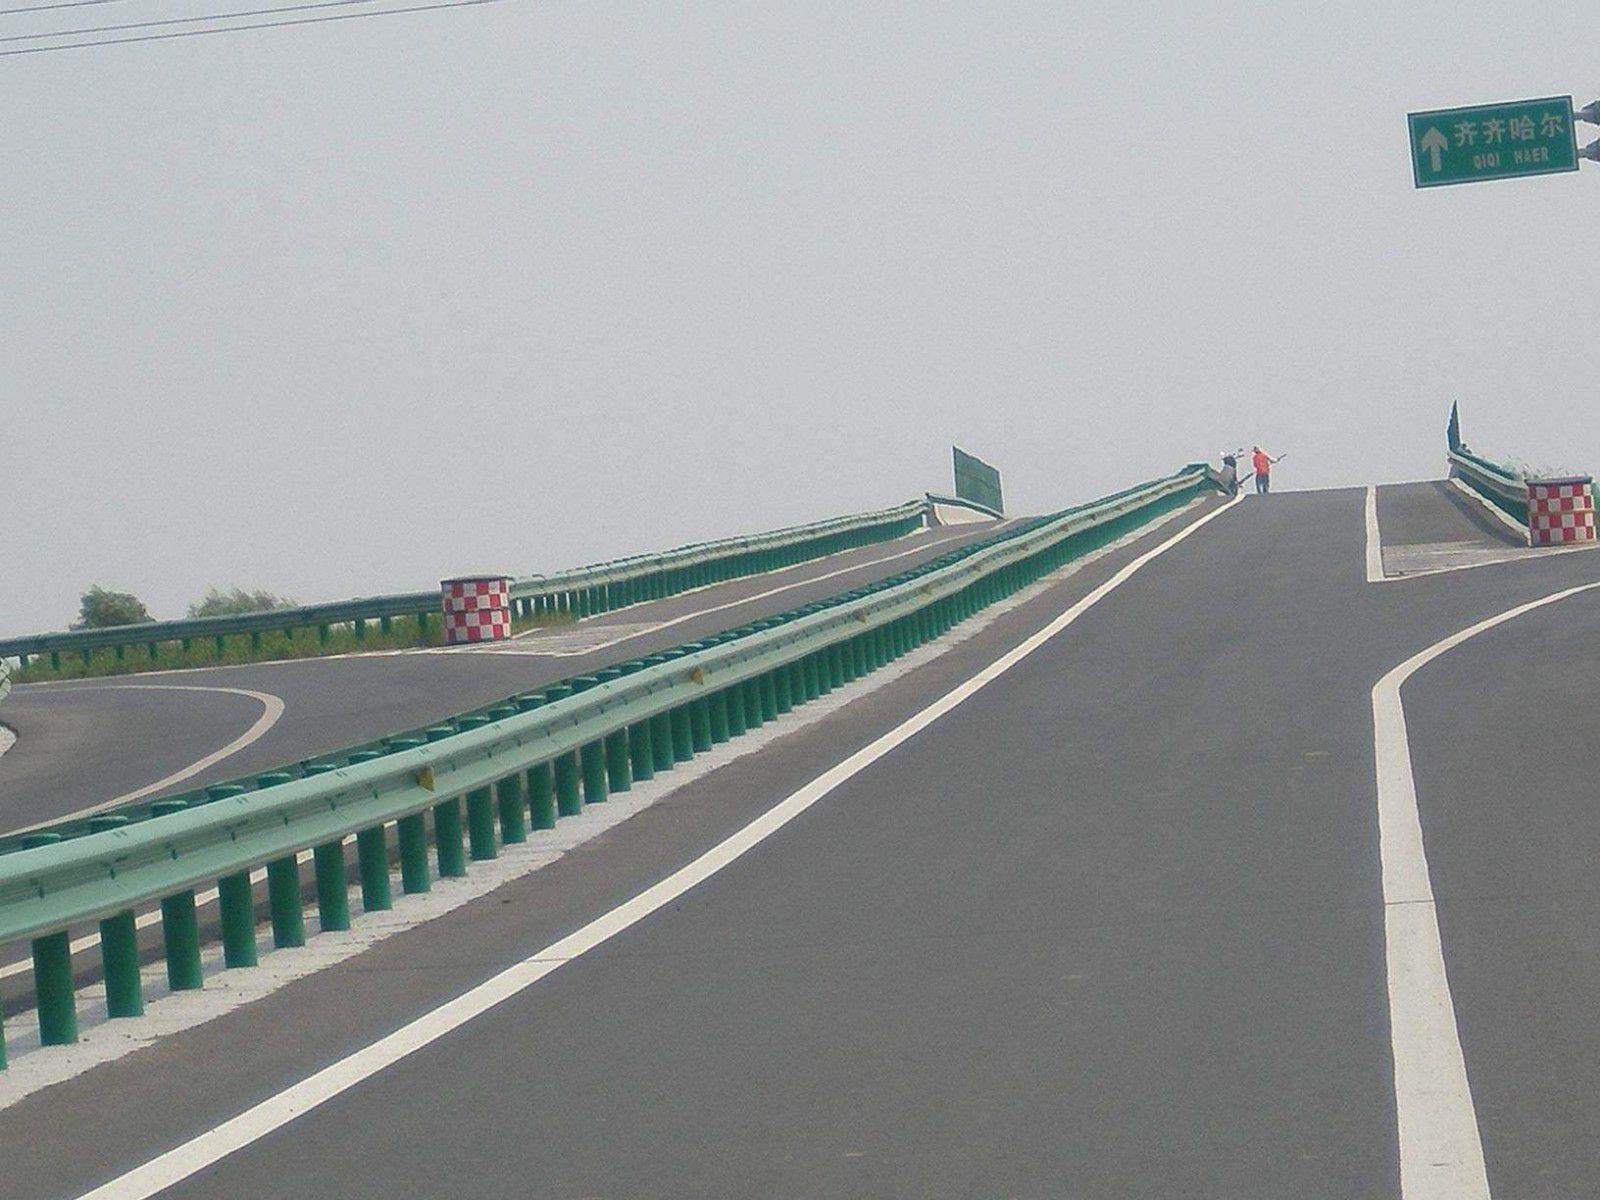 吉林省松原市宁江区波形钢护栏规格